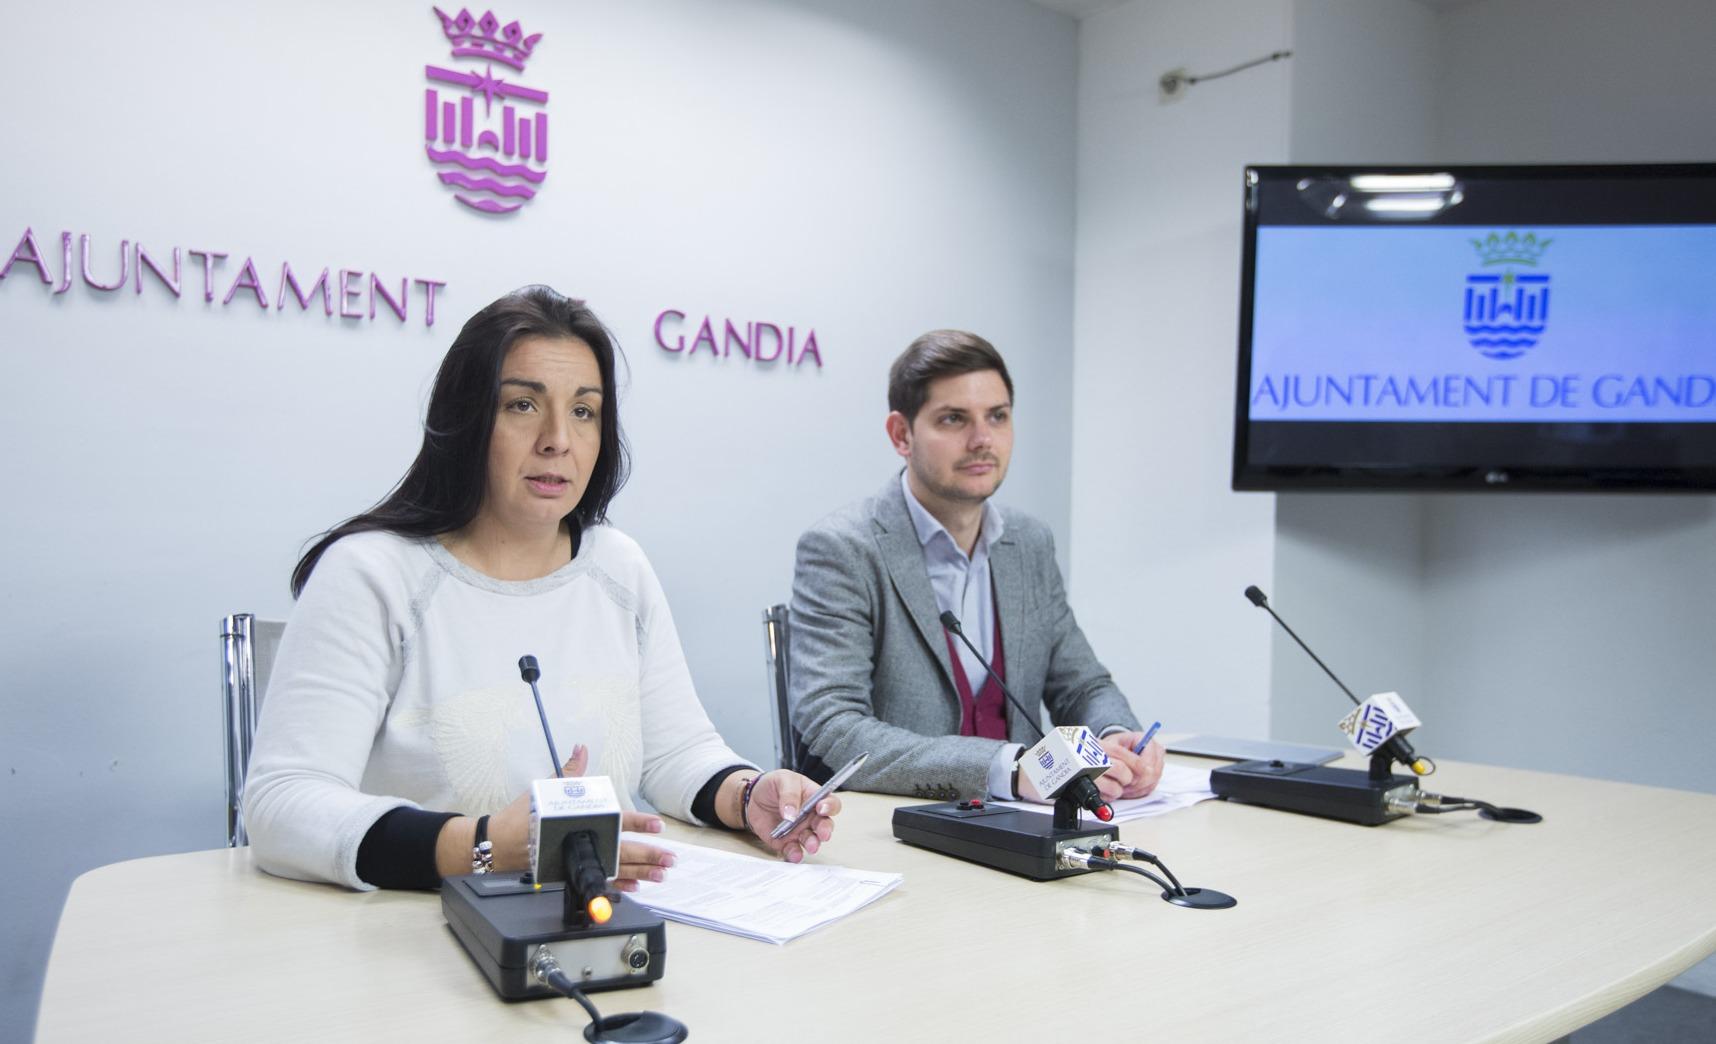 Les Escoletes de Gandia serán gratuitas para el tramo educativo de dos a tres años